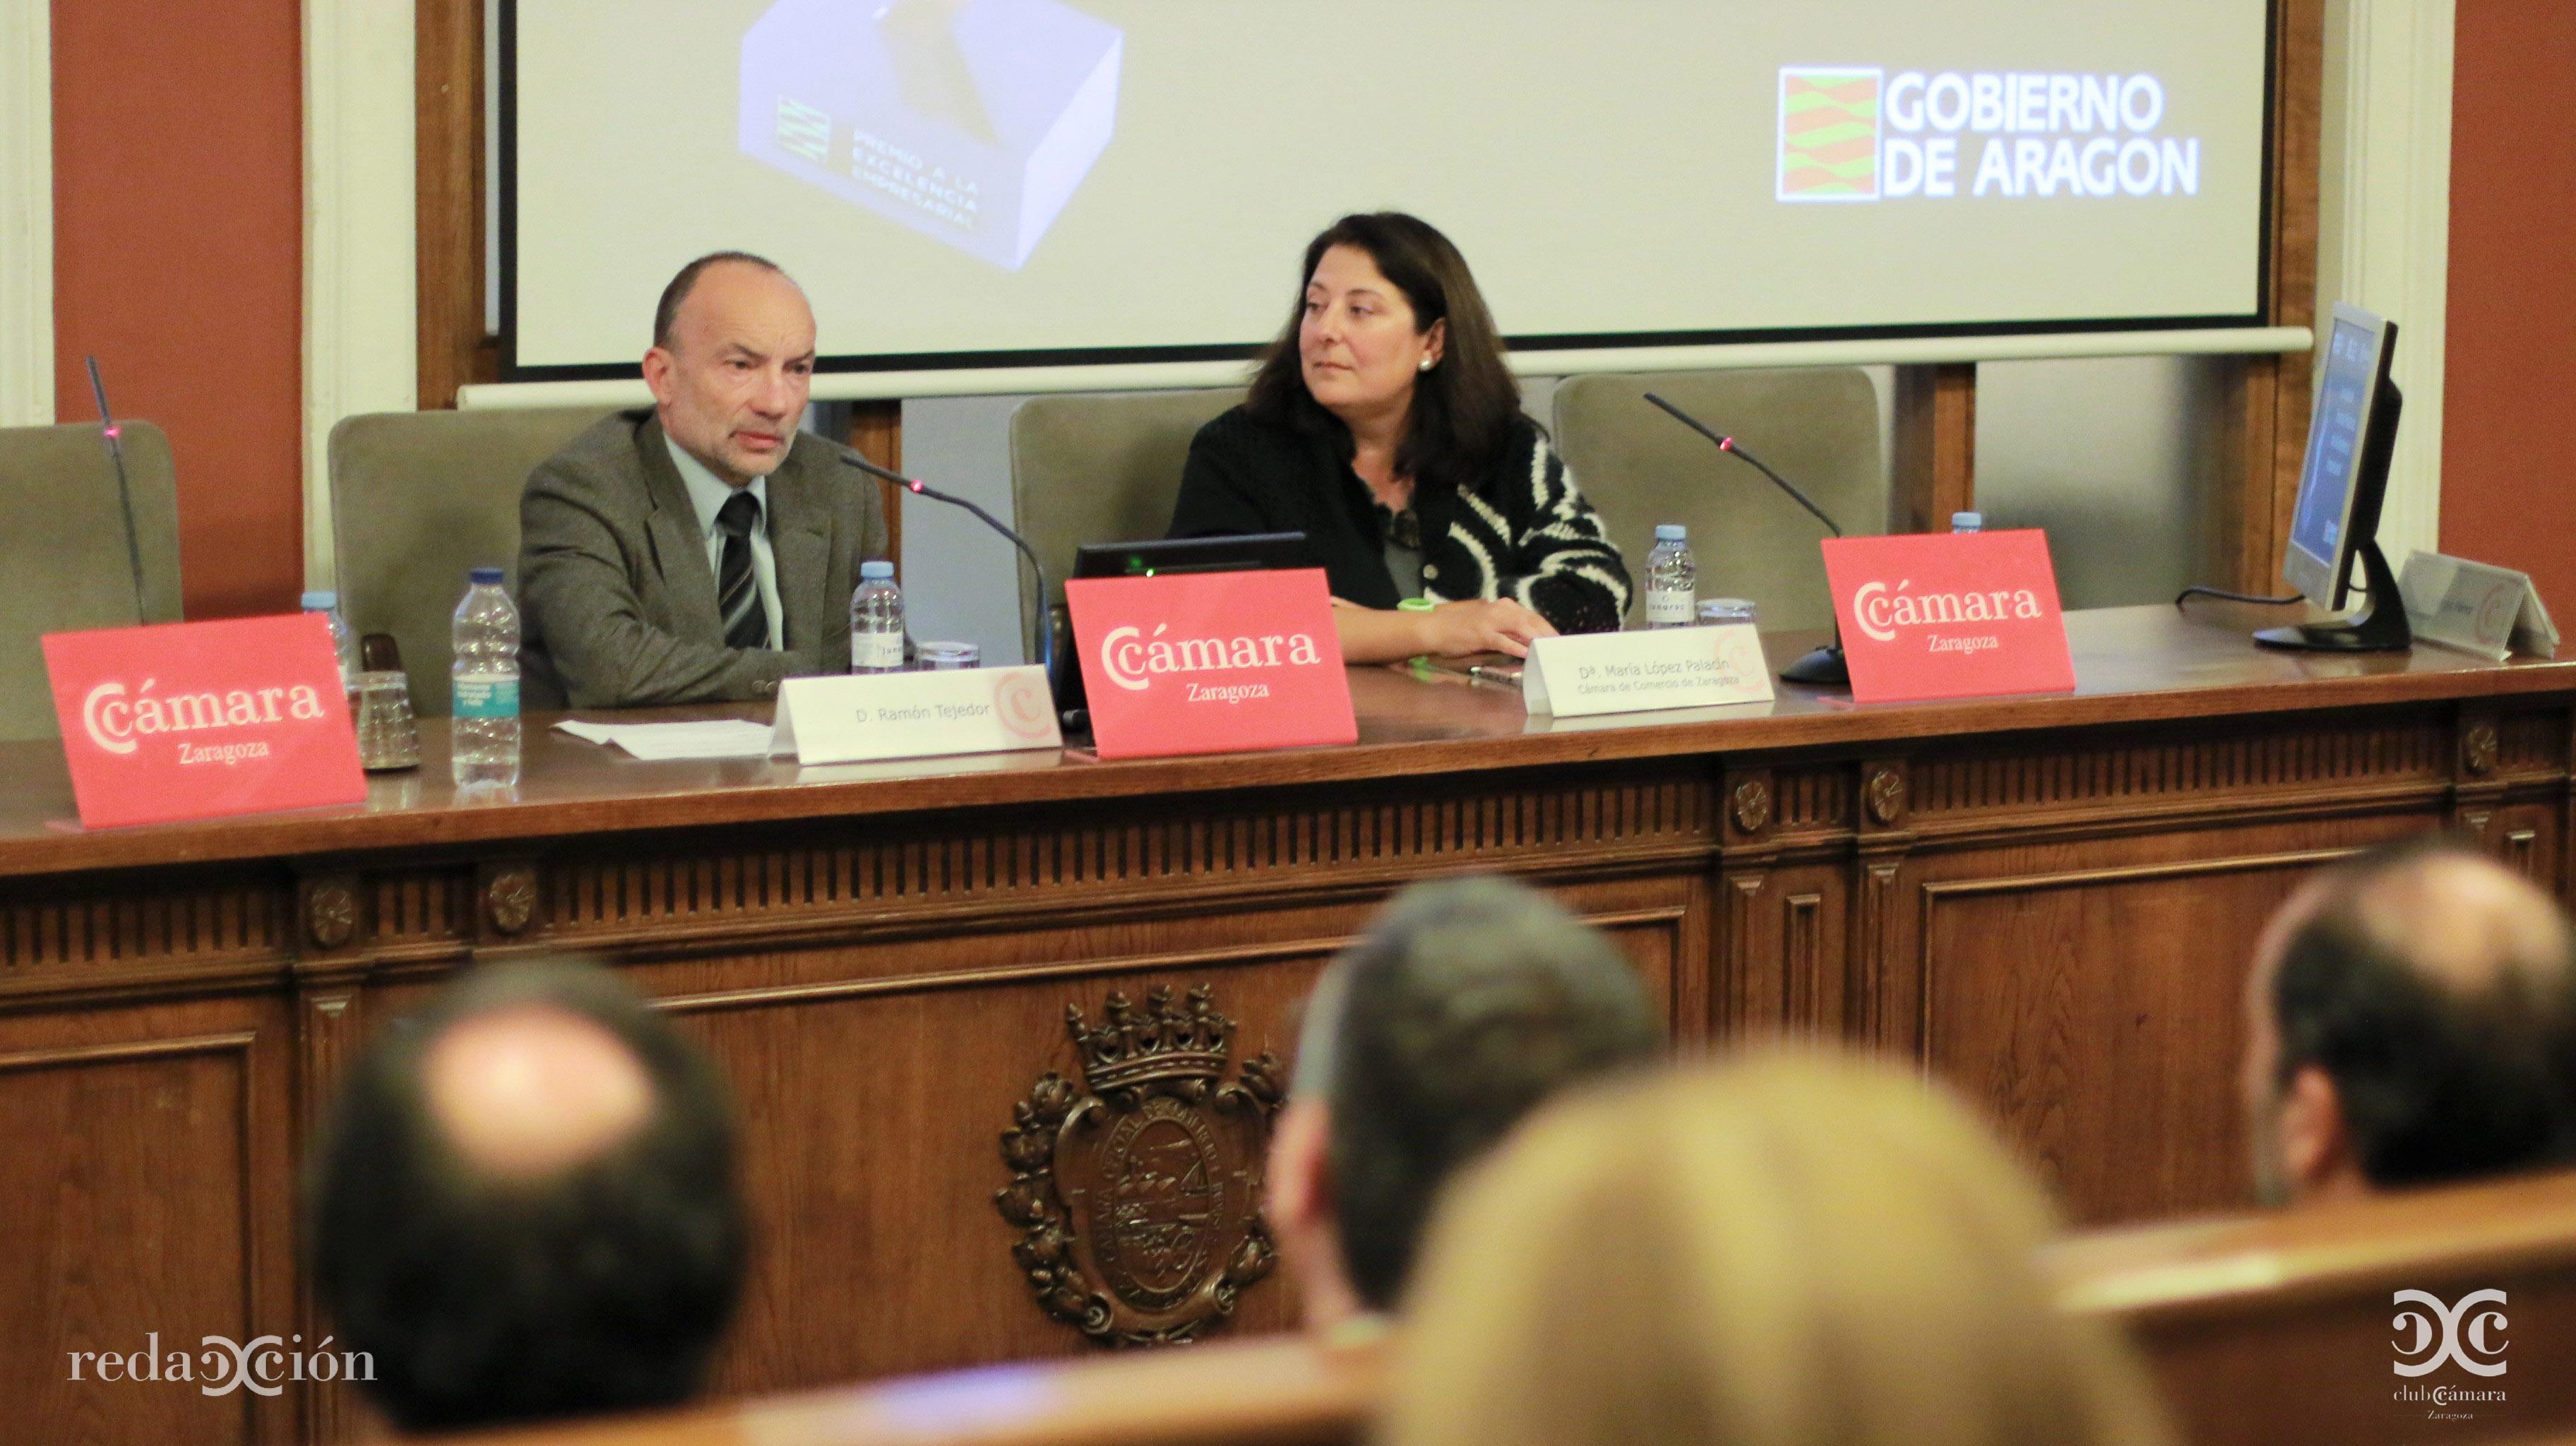 Ramón Tejedor, María López